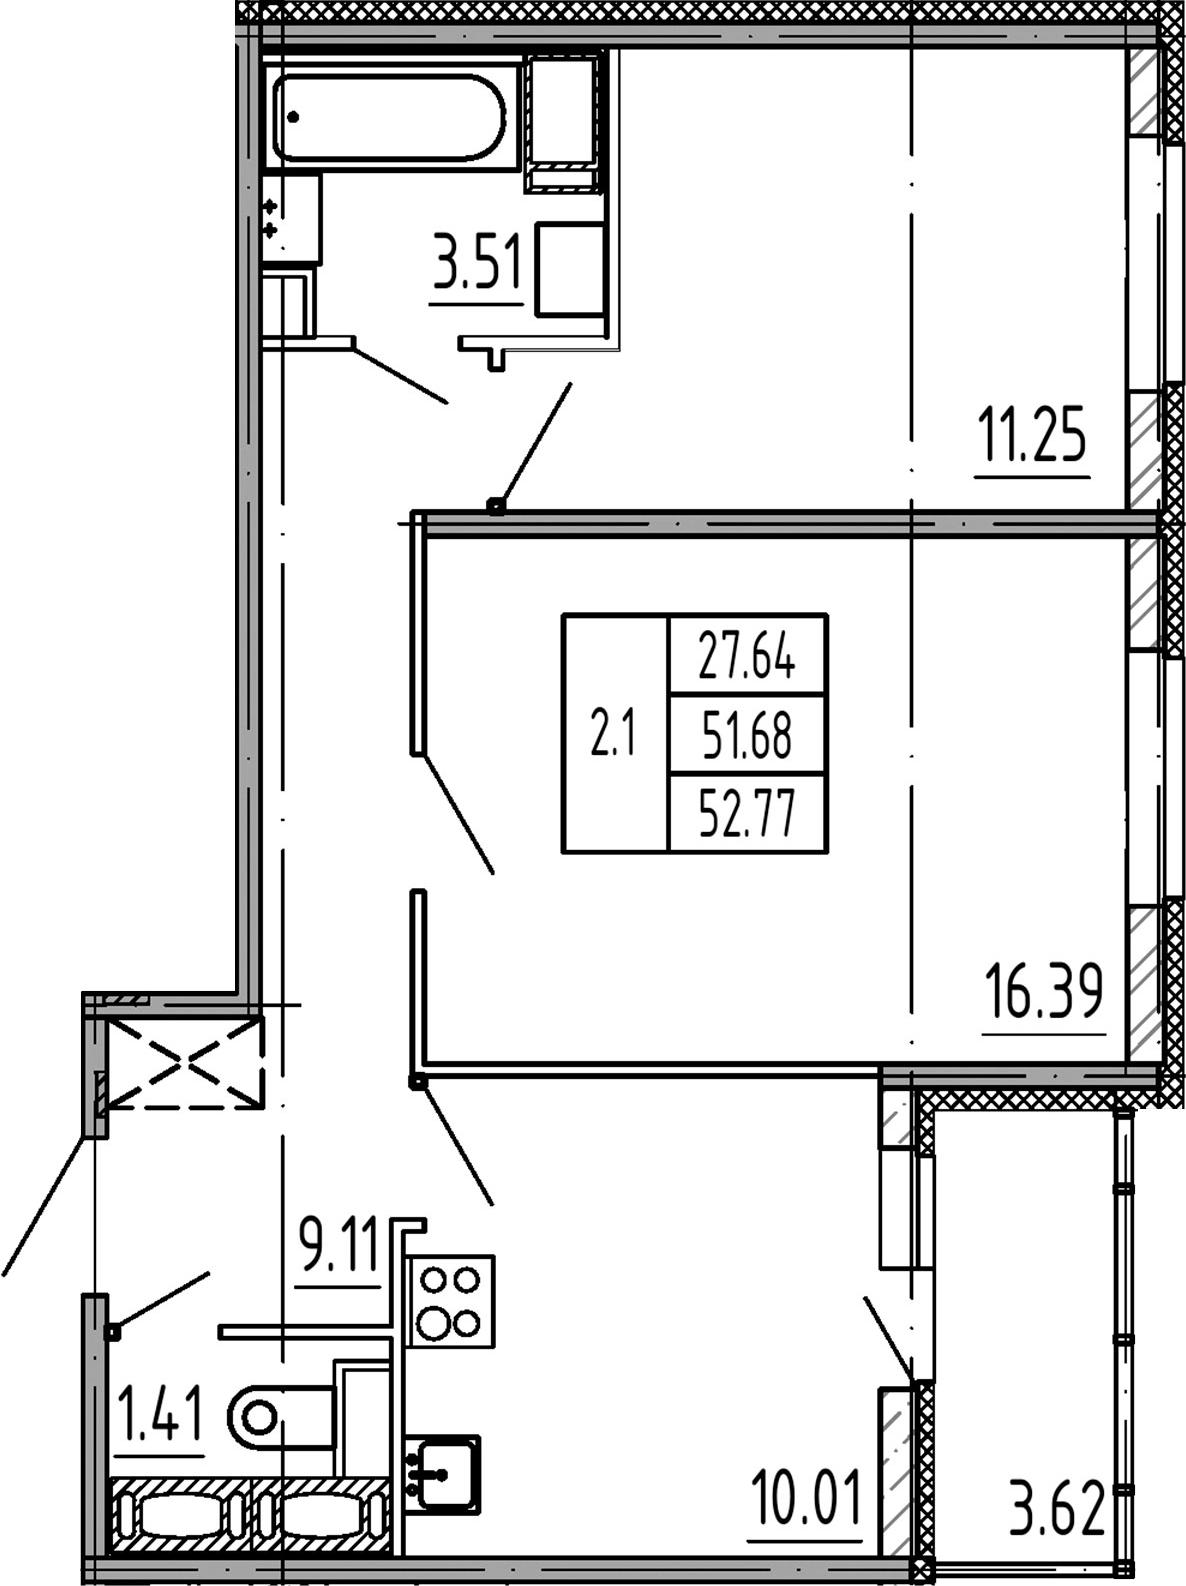 2-к.кв, 51.68 м²